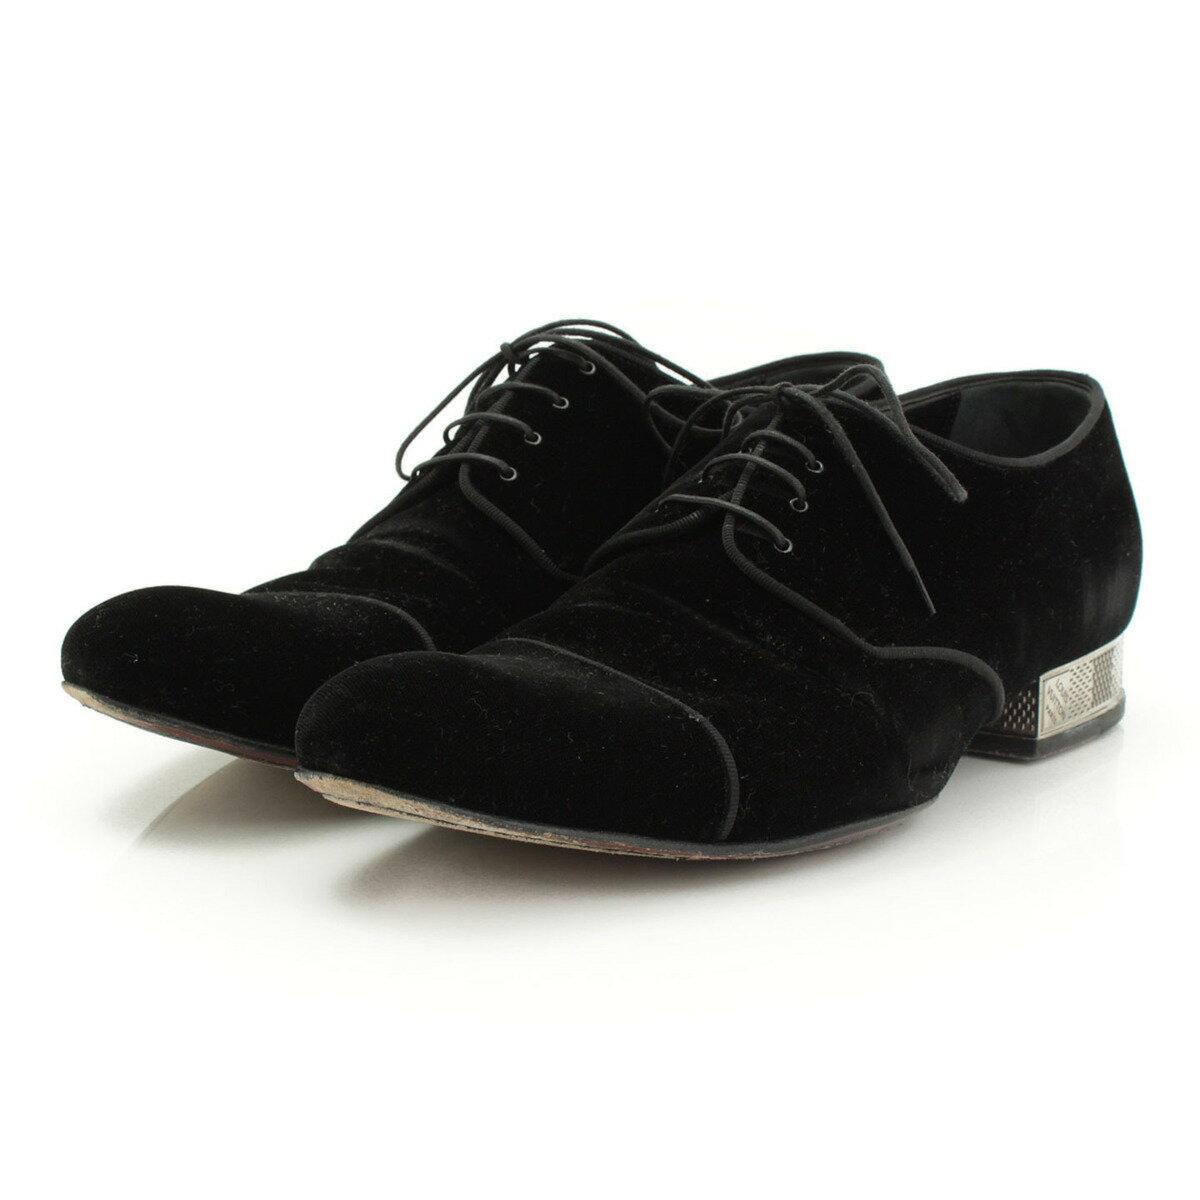 【ルイヴィトン】Louis Vuitton メンズ ベロア メタルヒール レースアップシューズ ブラック 6 1/2 【中古】【鑑定済・正規品保証】【送料無料】28167